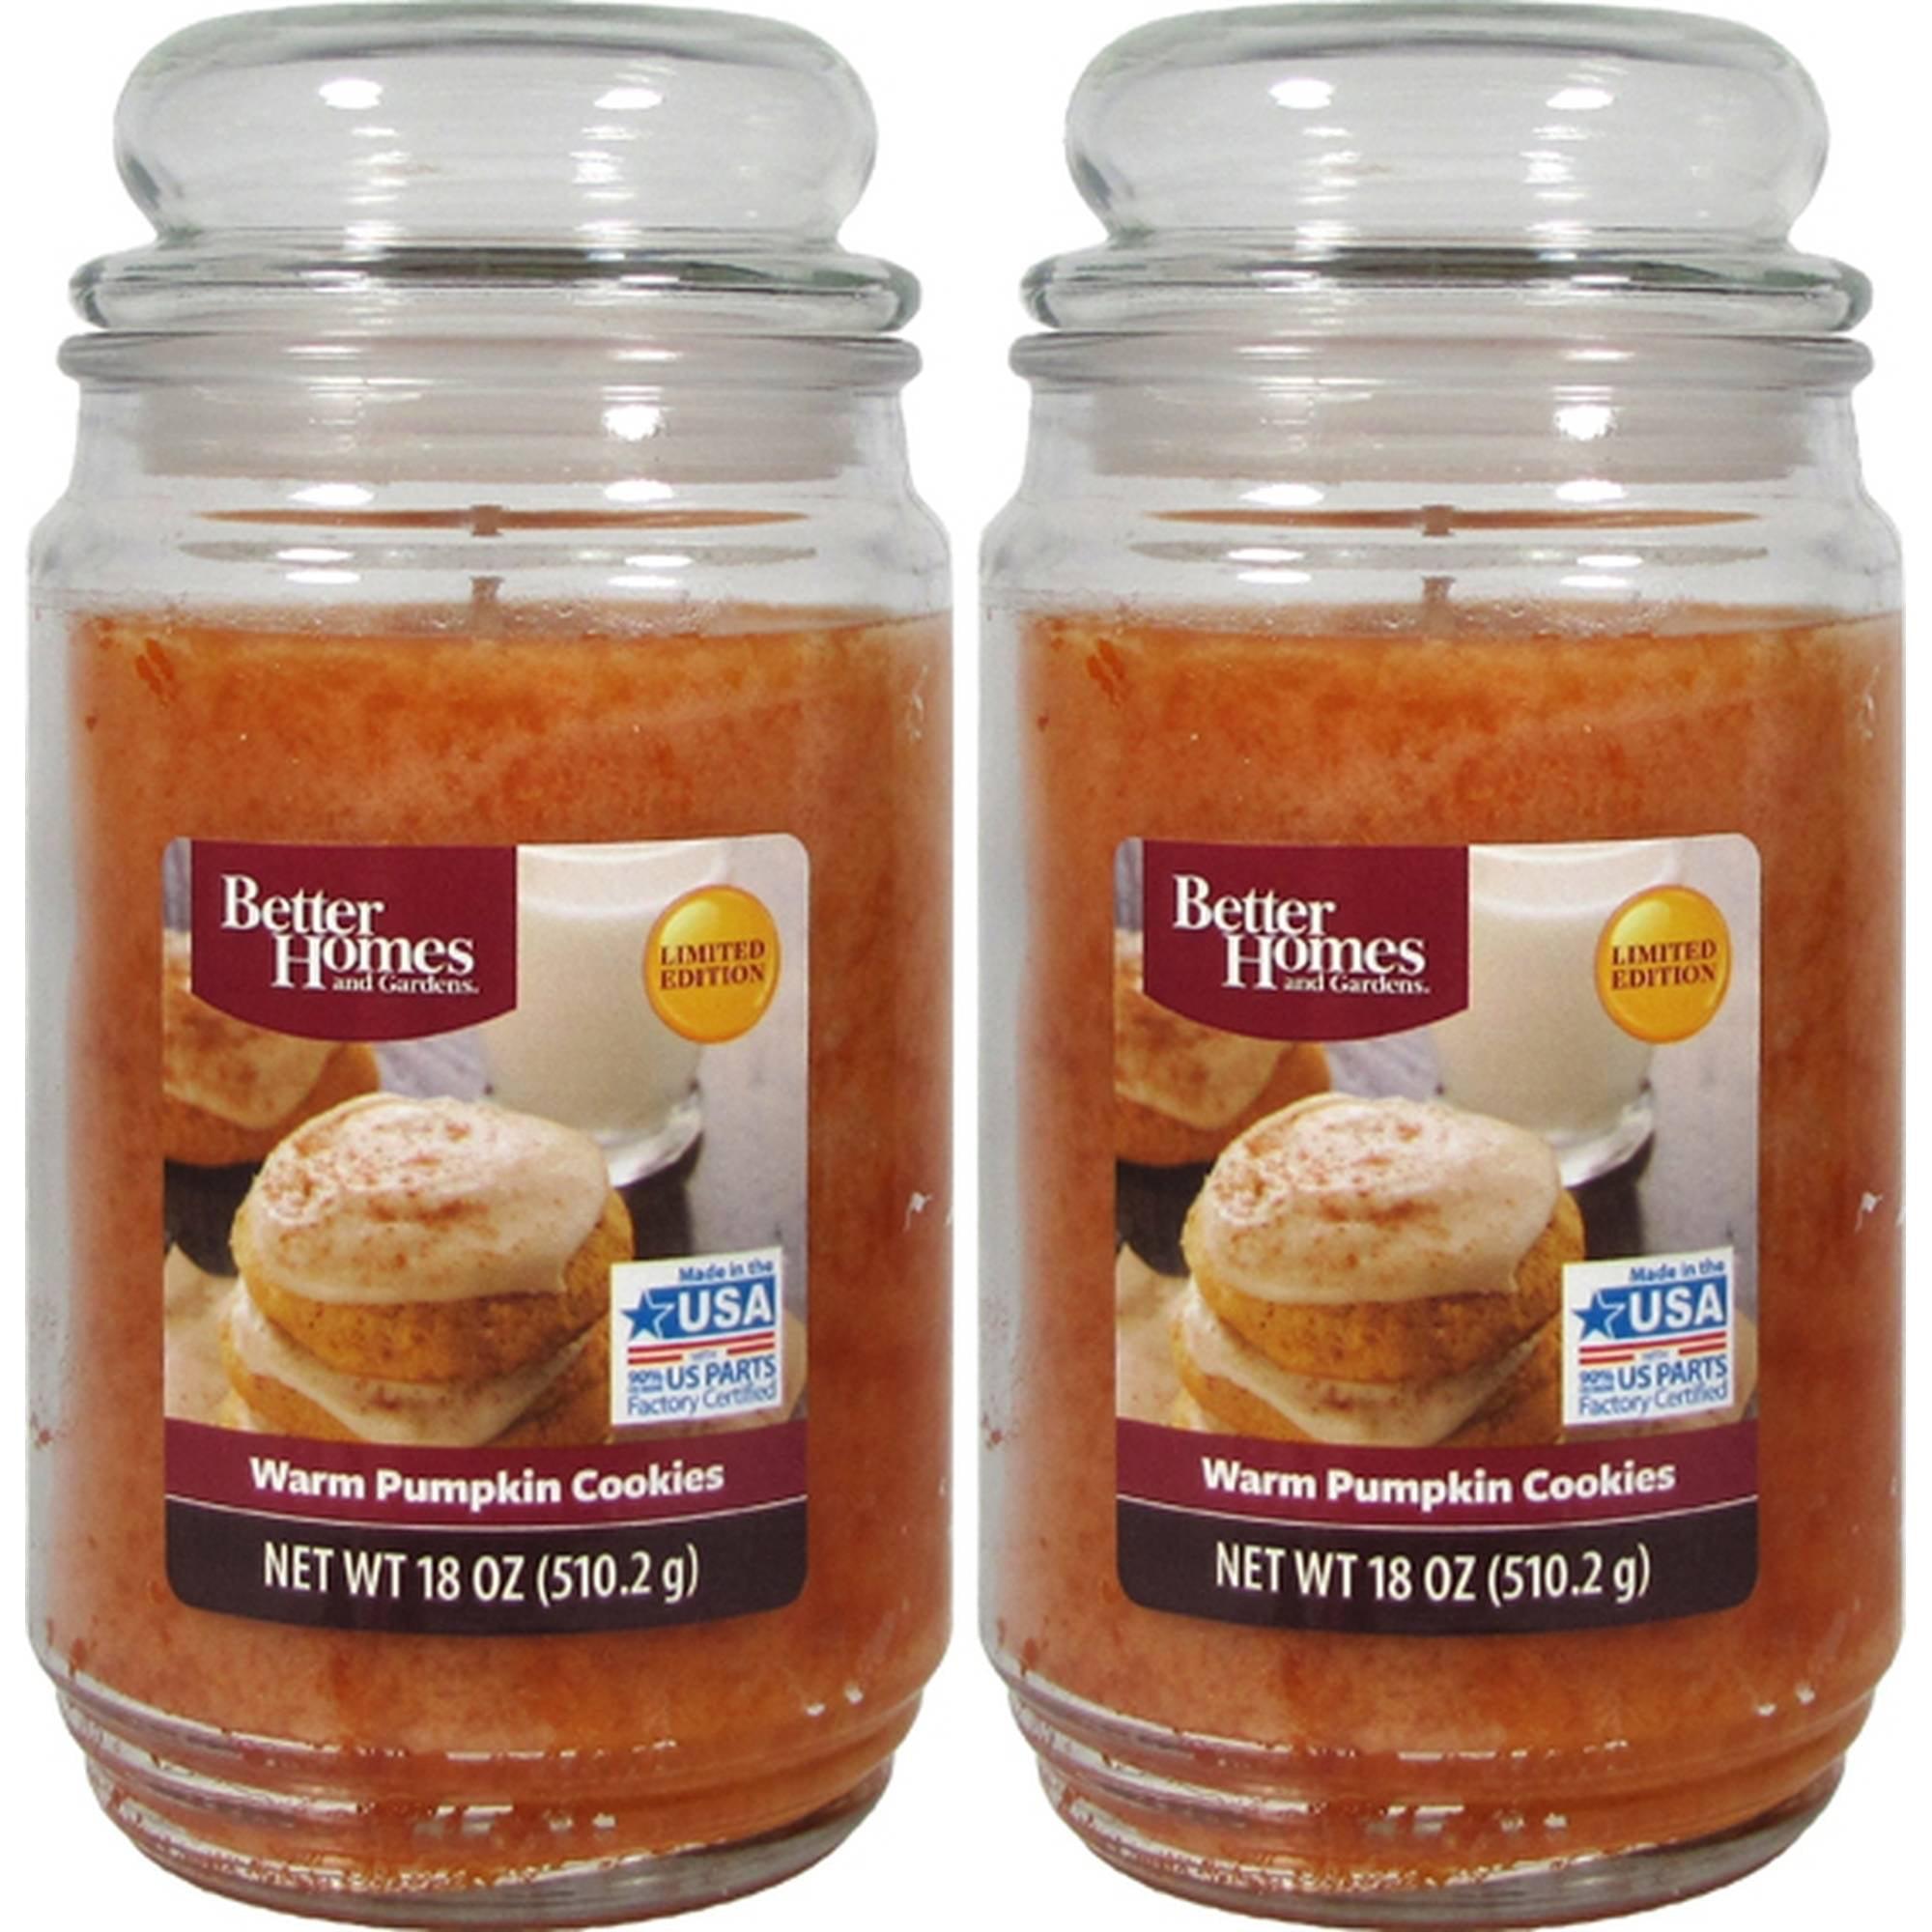 Better Homes And Gardens 18oz 2 pk. Warm Pumpkin Cookies